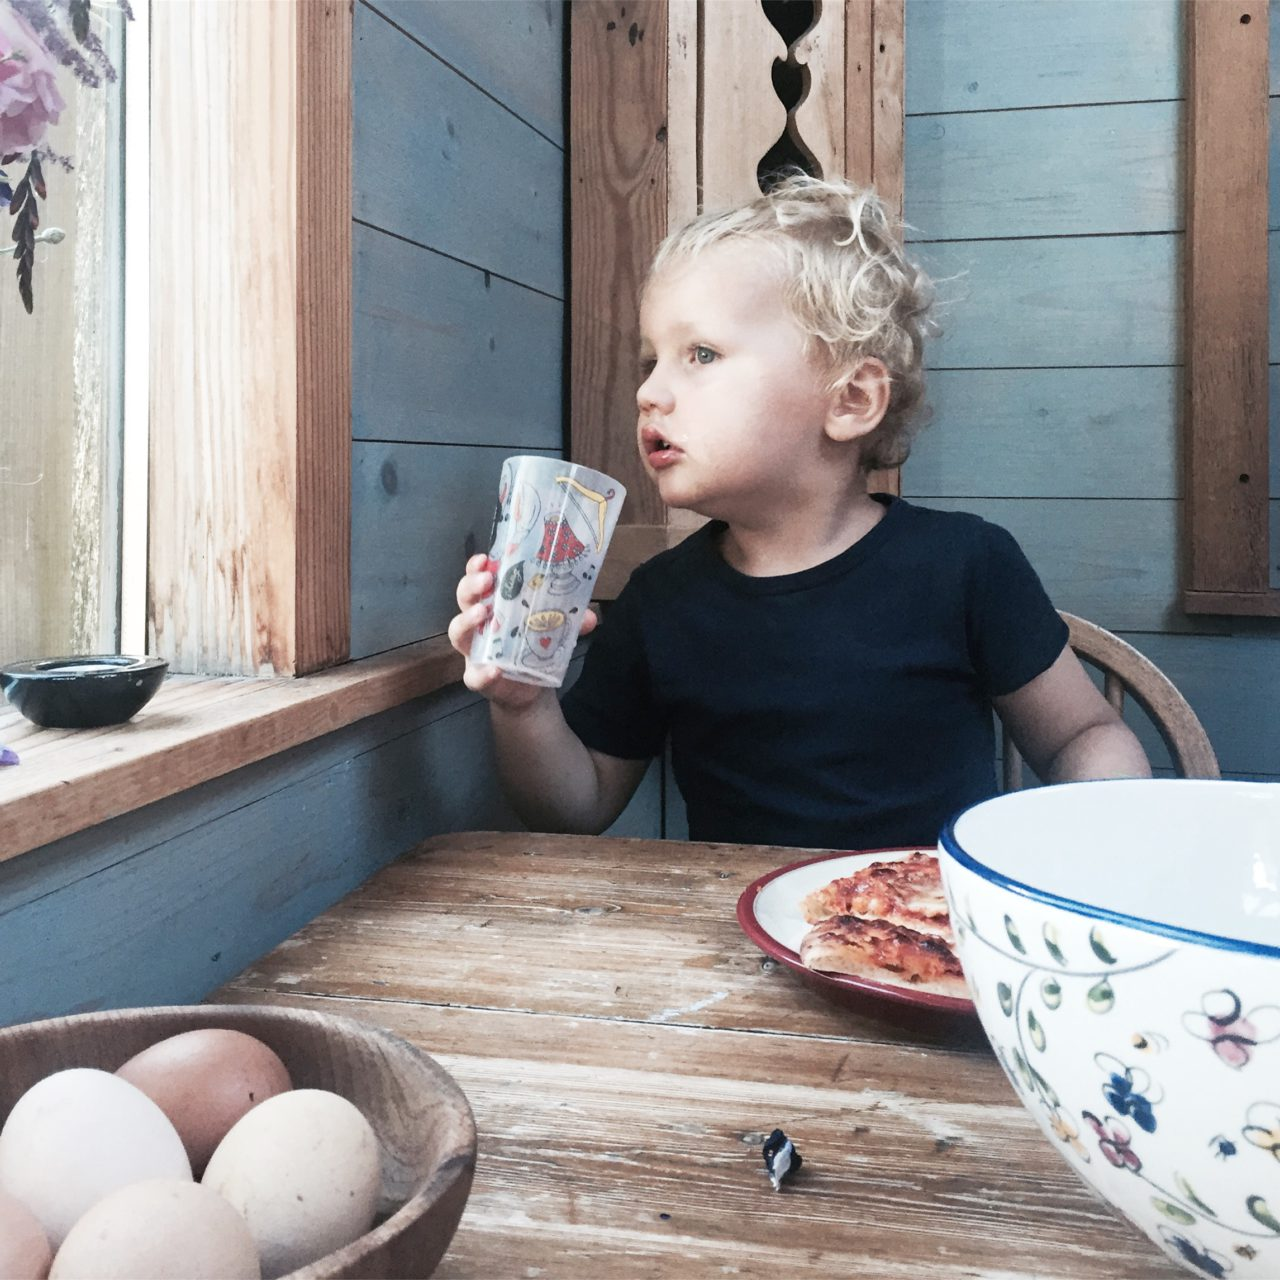 capaz-mirandakoopman-portretfotografie-kinderen-9956